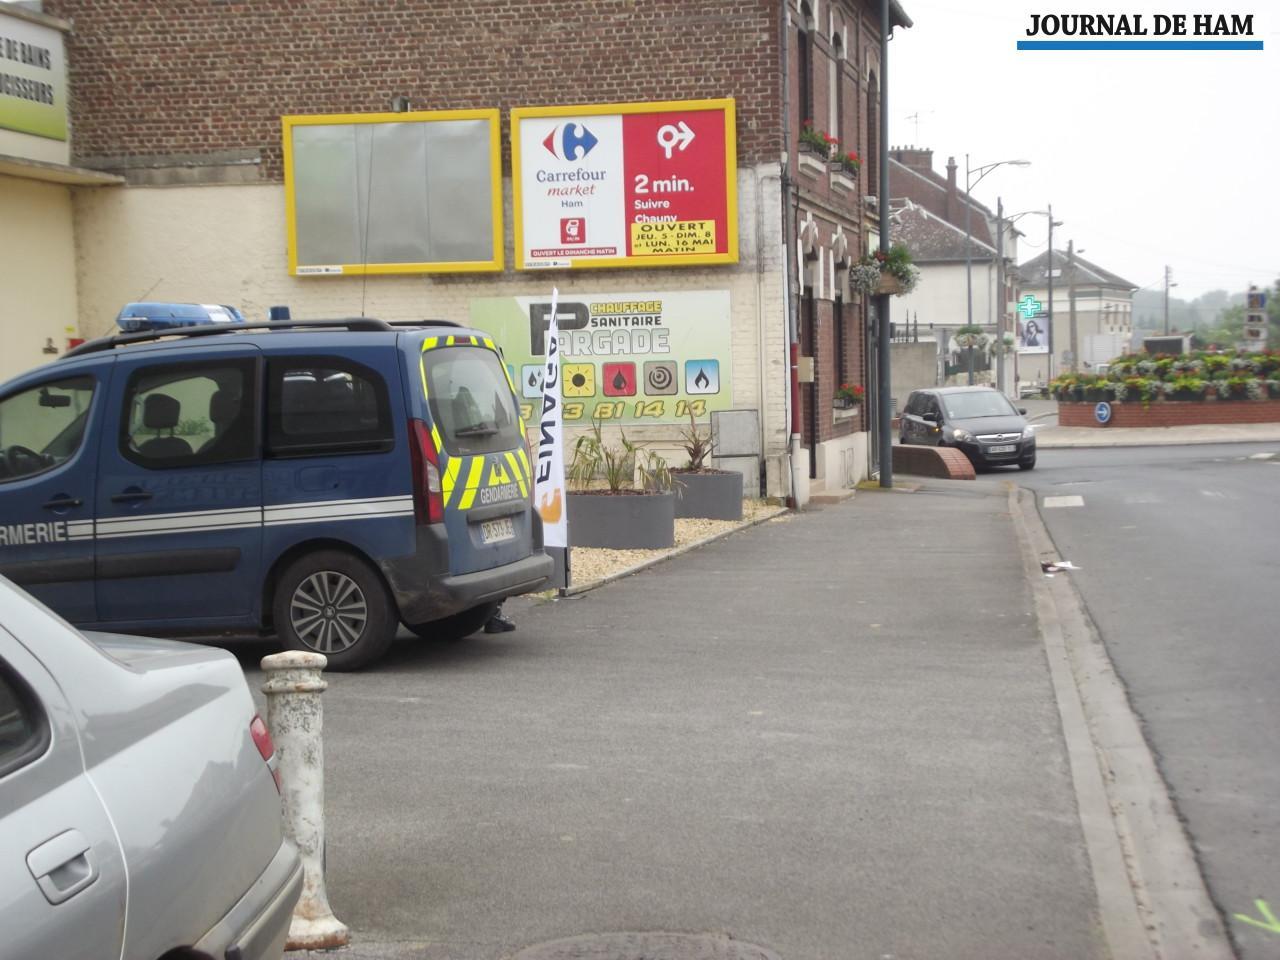 Accident entre une voiture et un vélo | Le Journal de Ham